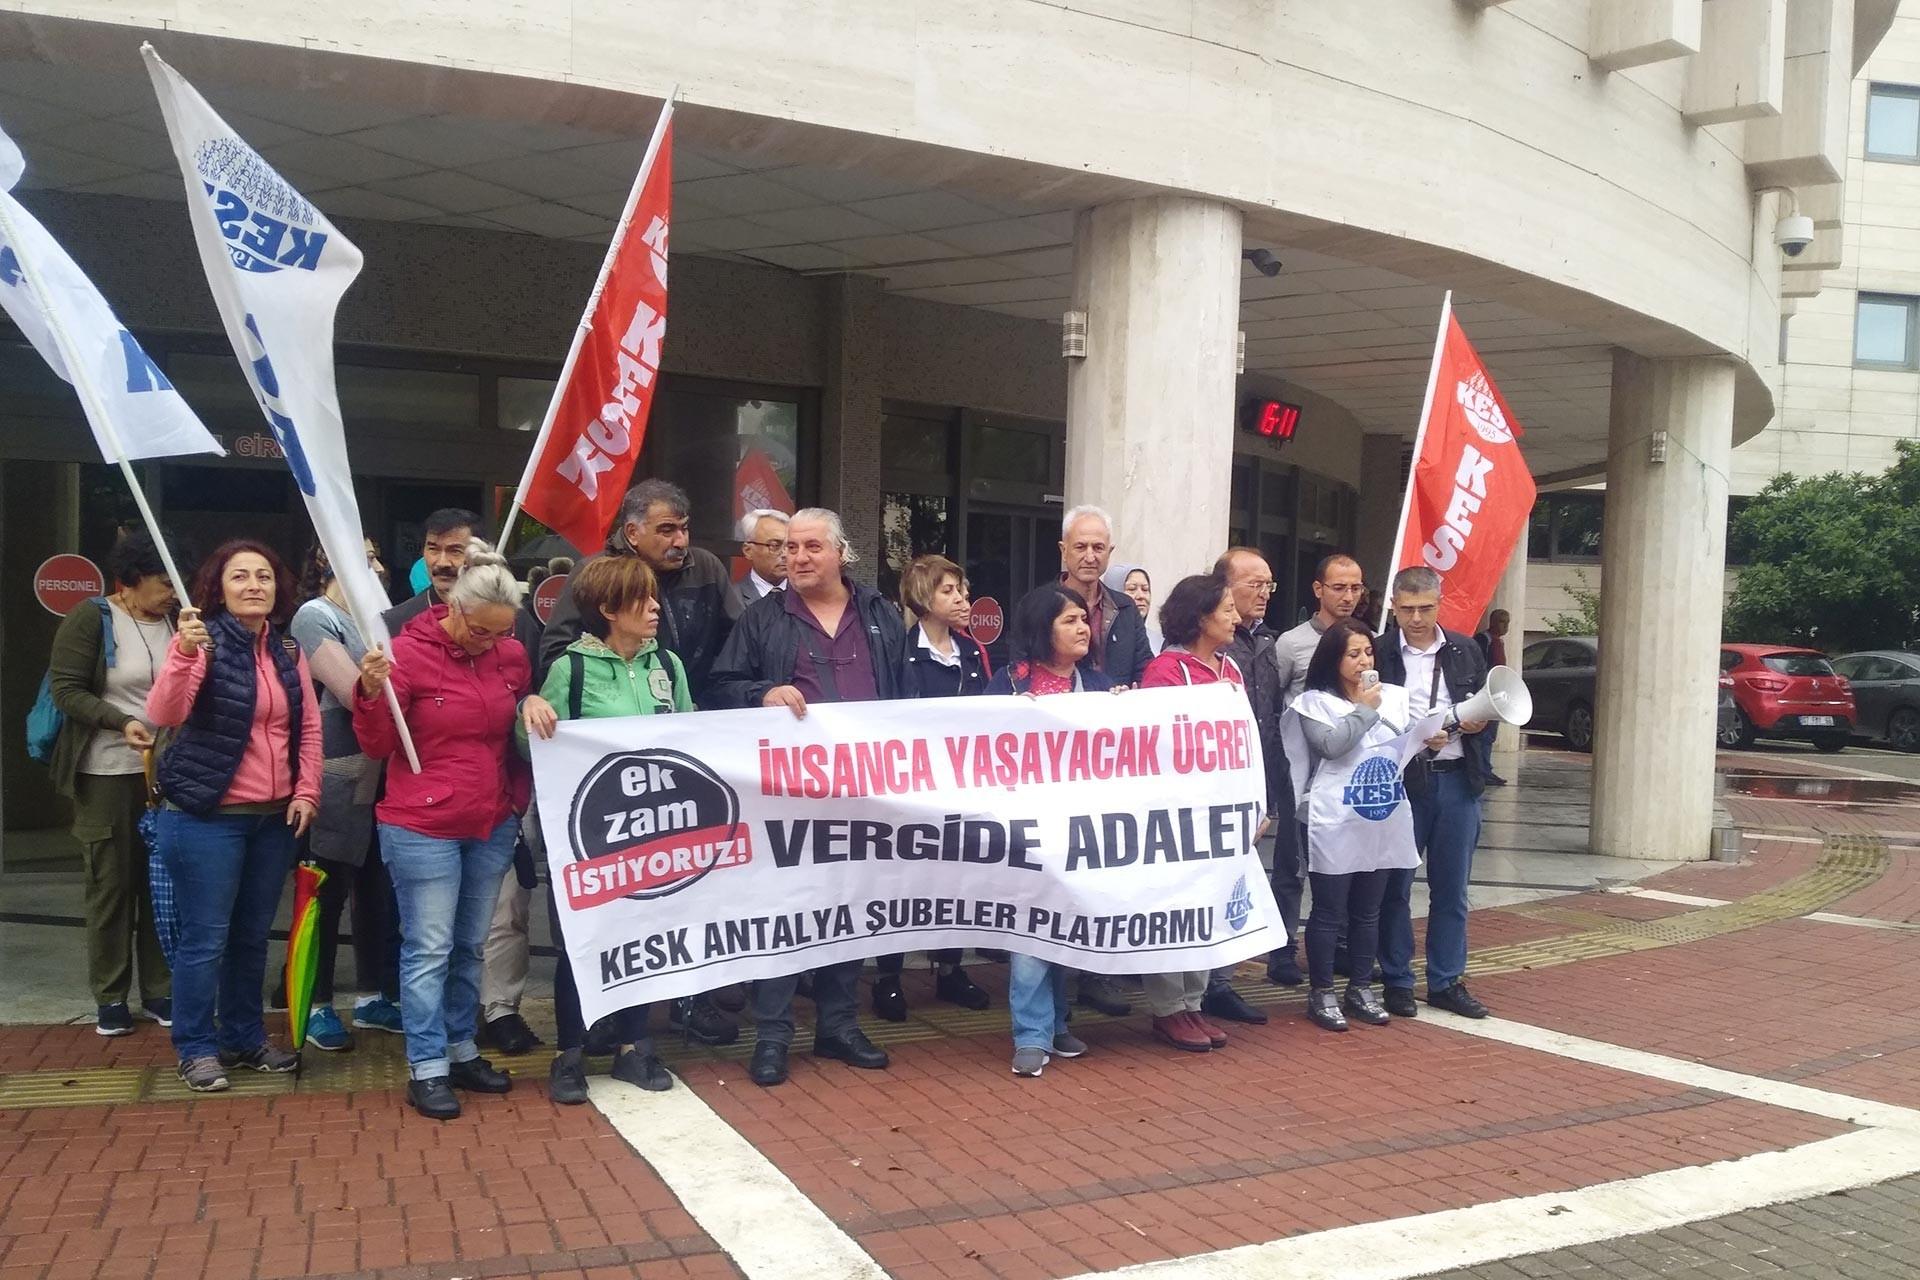 KESK üyesi emekçiler, 'İnsanca yaşayacak ücret, vergide adalet' pankartı ile basın açıklaması gerçekleştirirken